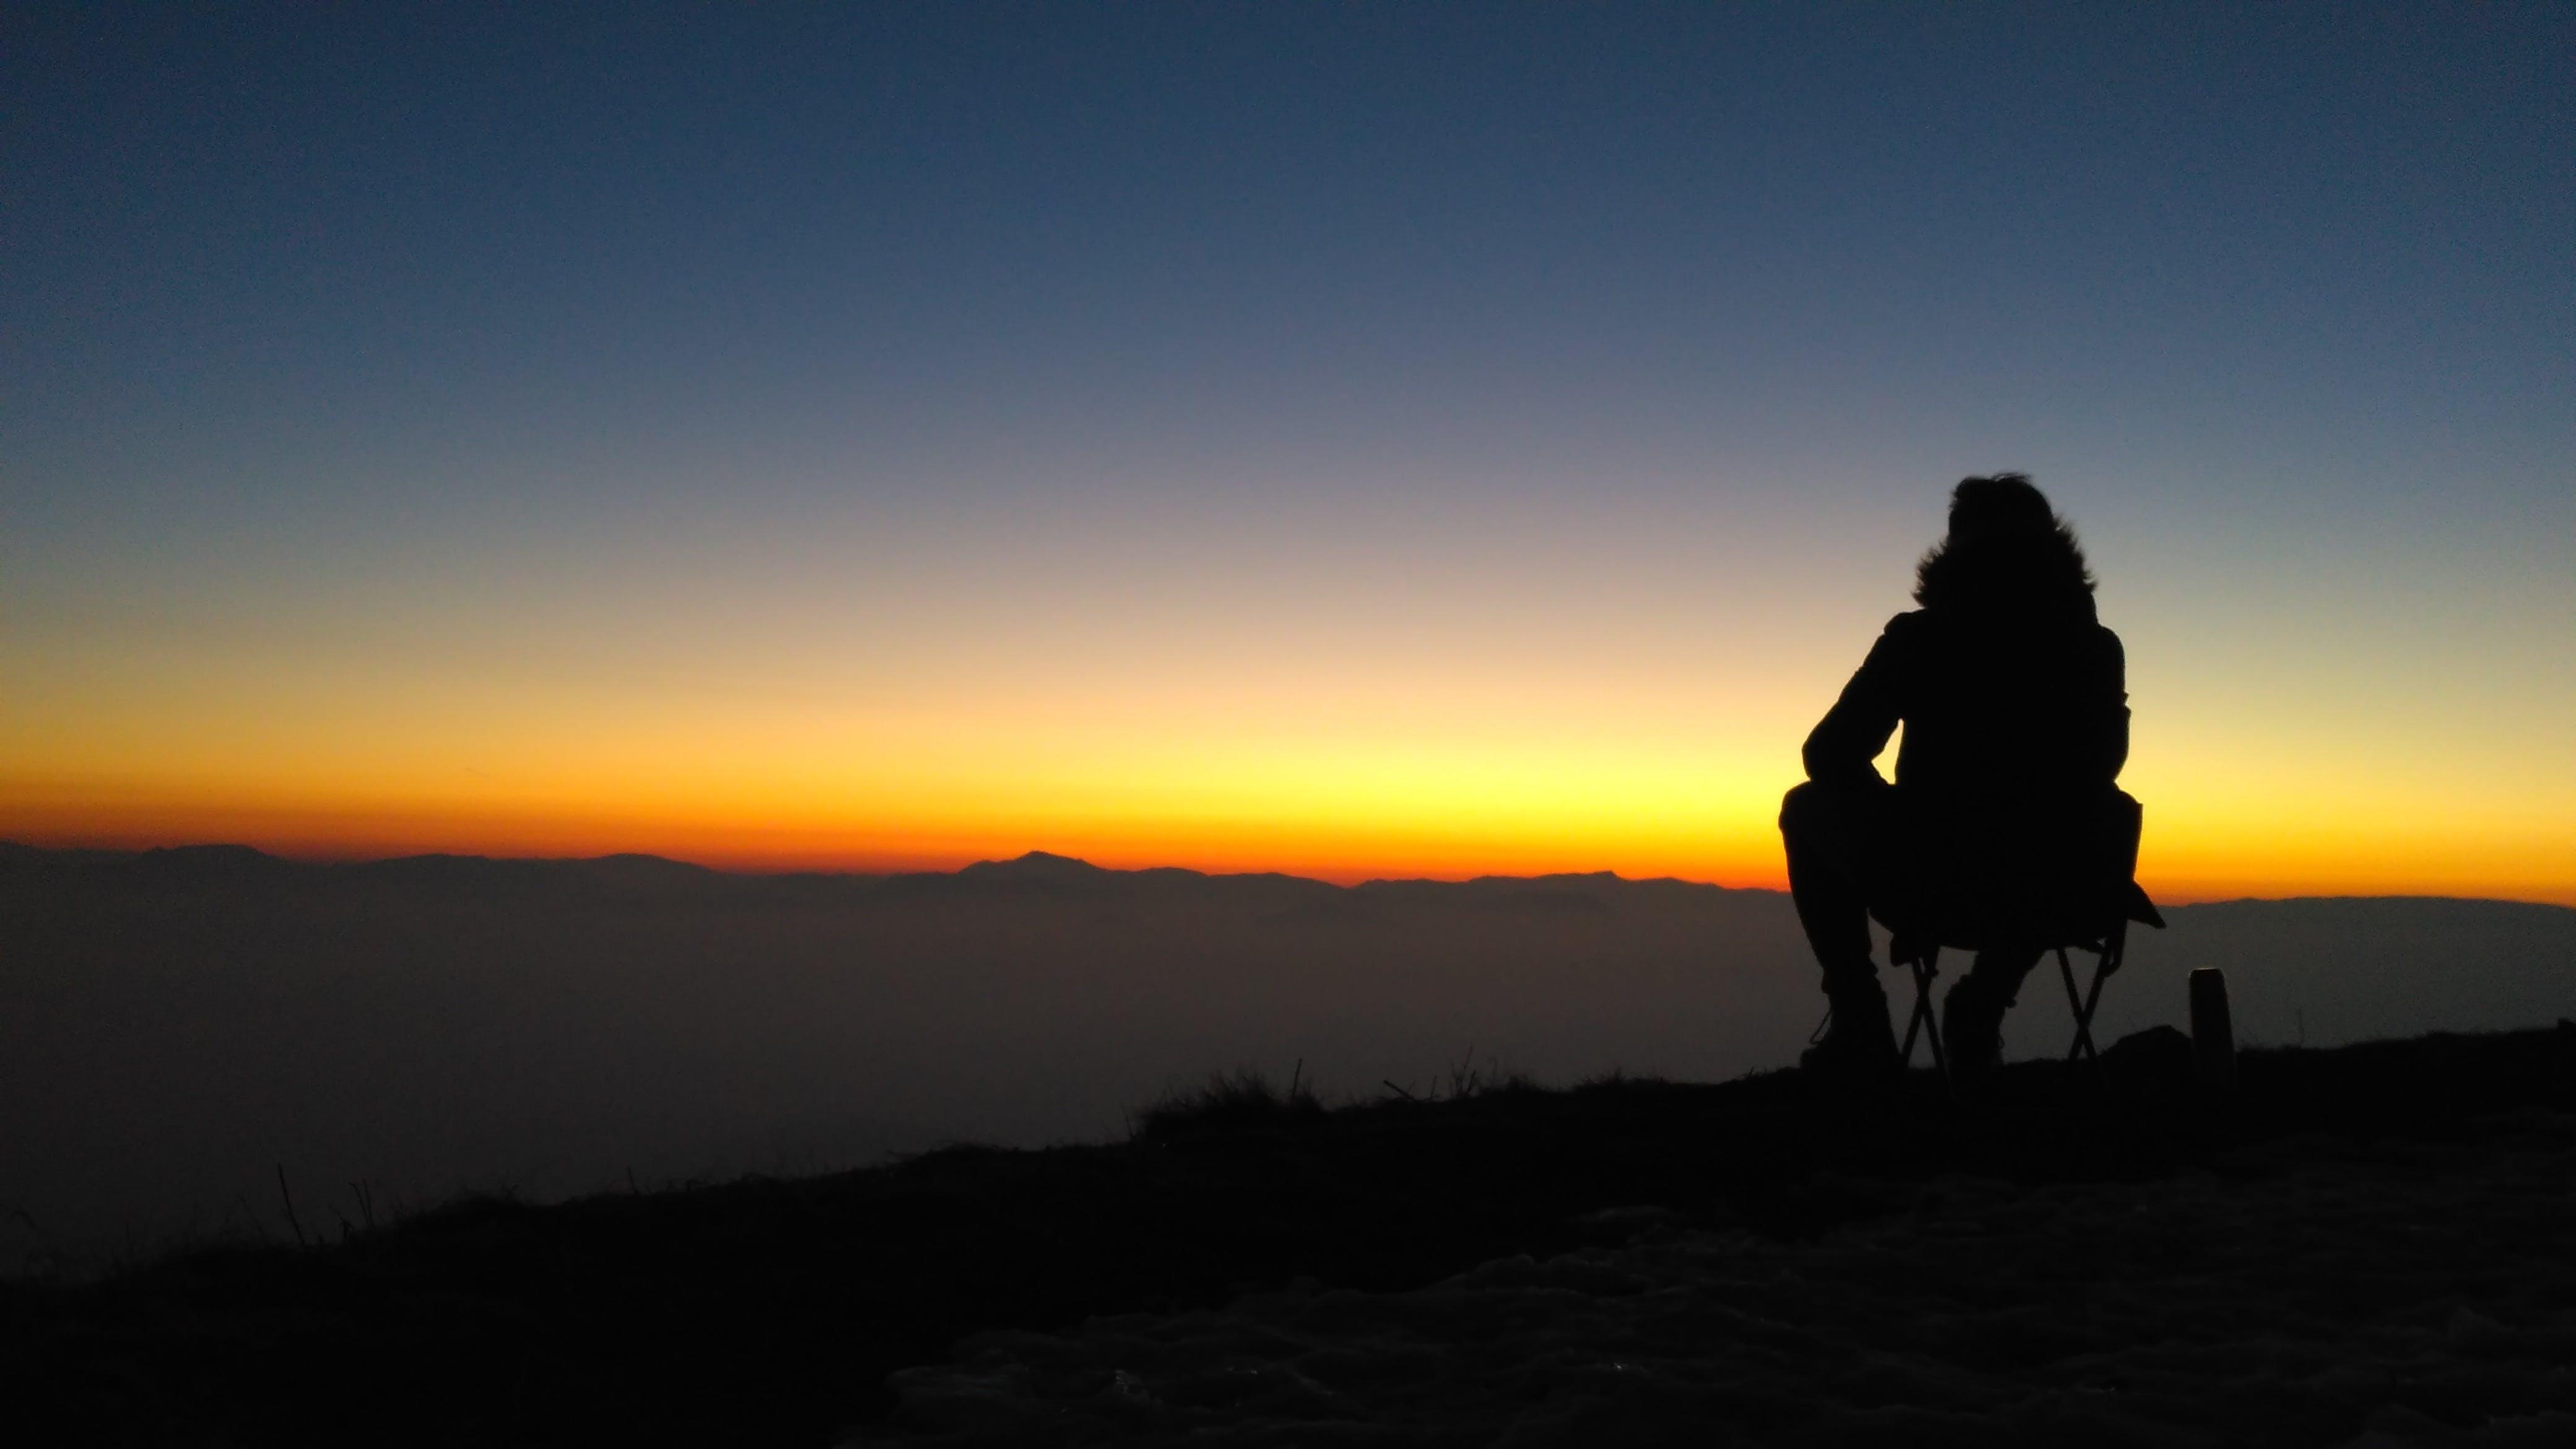 Δωρεάν στοκ φωτογραφιών με Ανατολή ηλίου, άνθρωπος, απόγευμα, αυγή